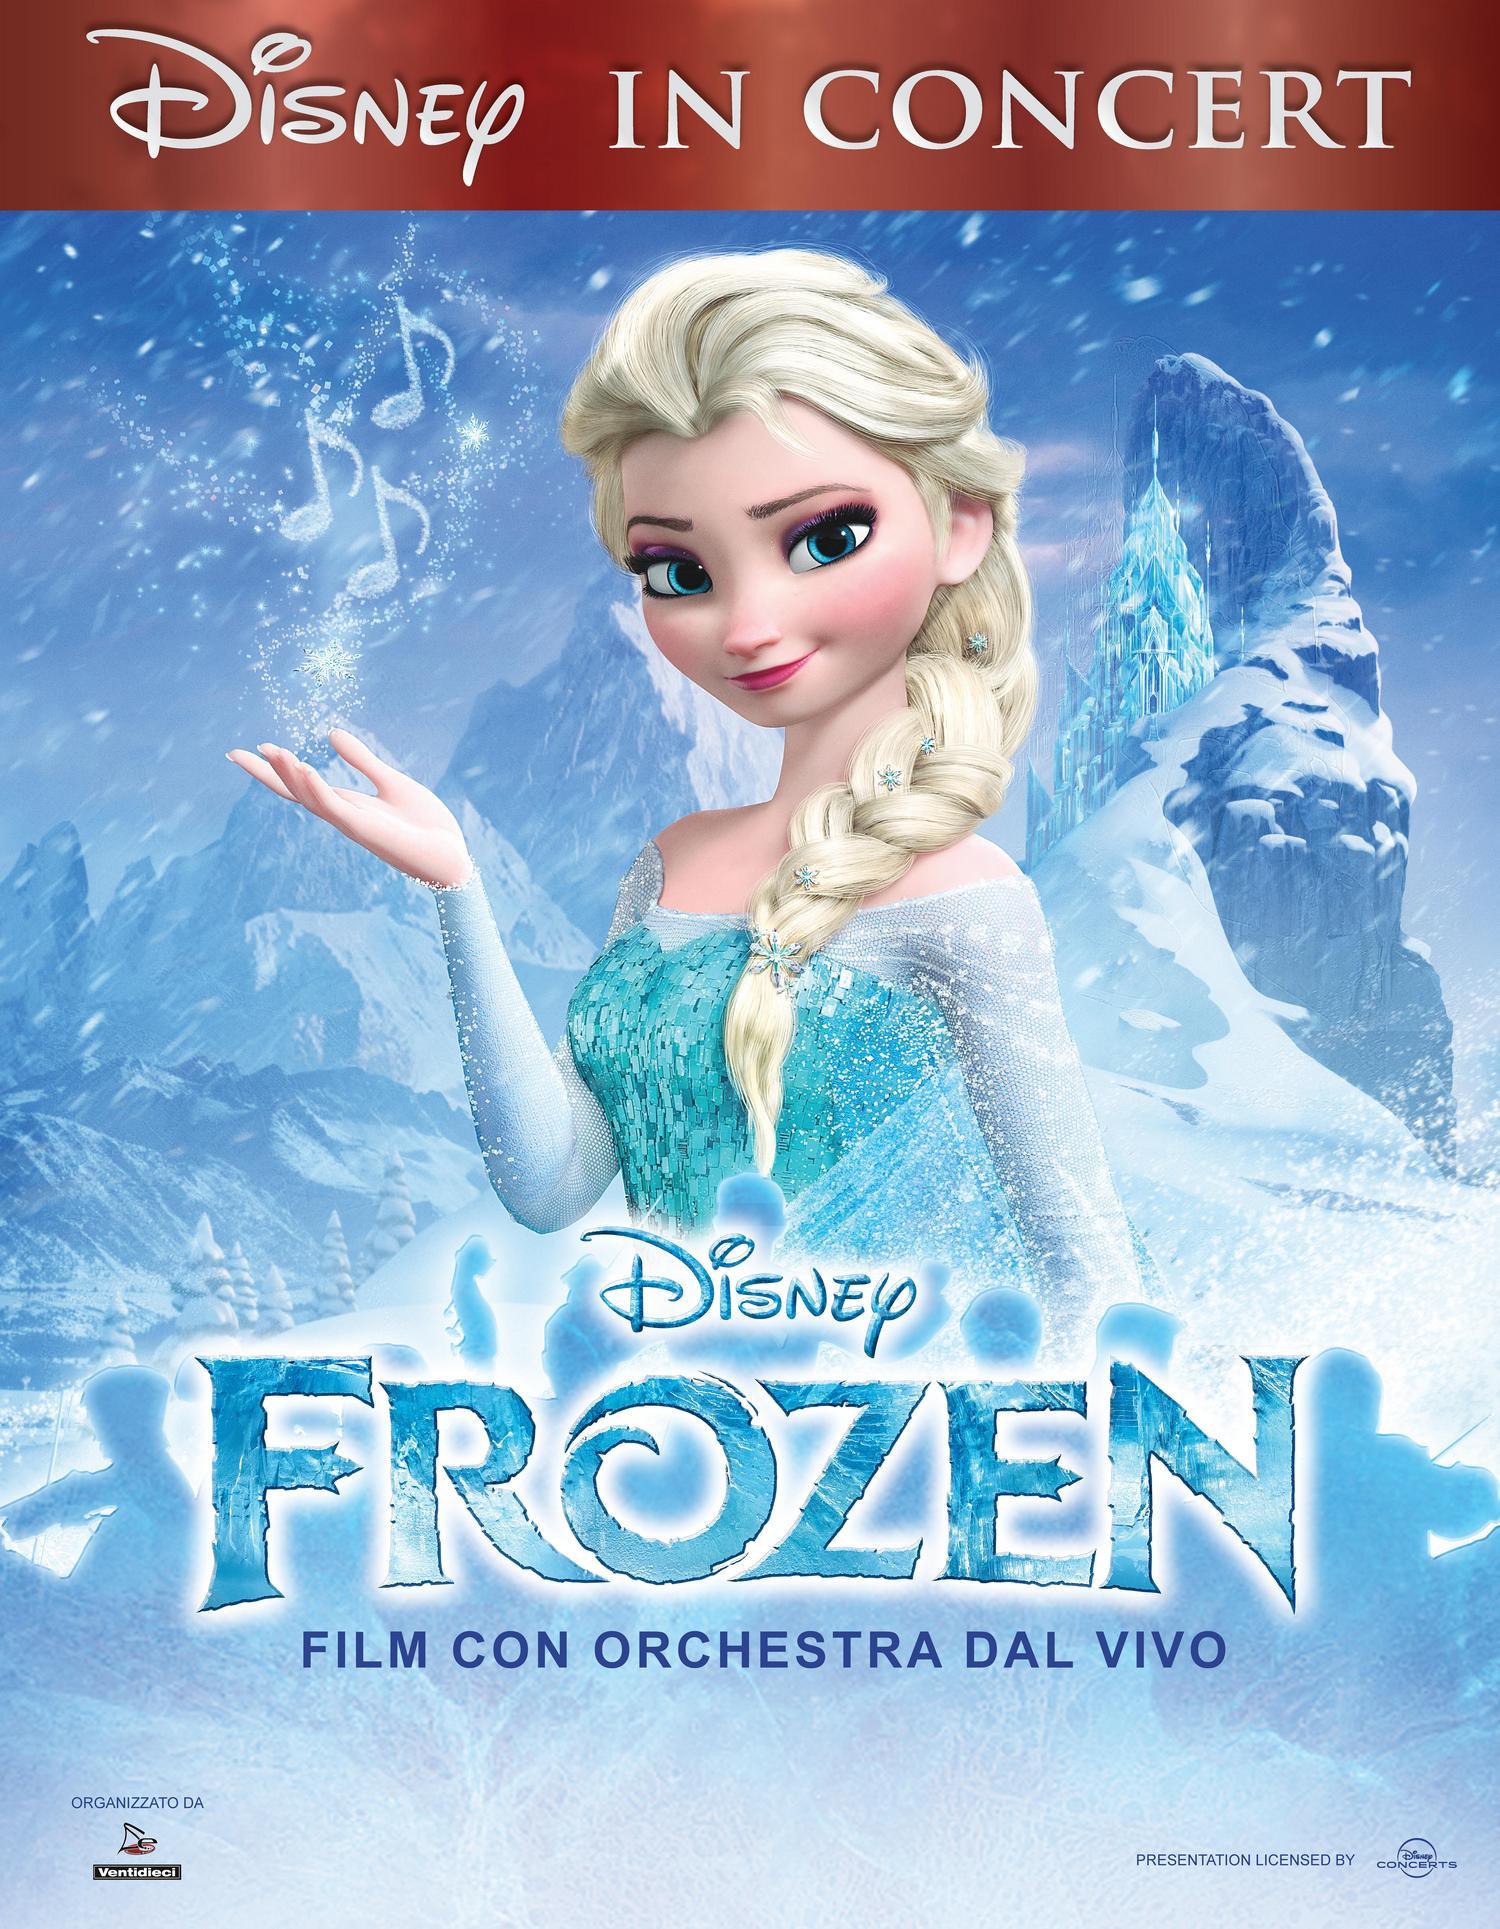 Disney in concert: Frozen, nelle vacanze natalizie, nei teatri di Roma, Napoli, Milano e Torino, una innovativa proiezione del film con l'orchestra e il coro.